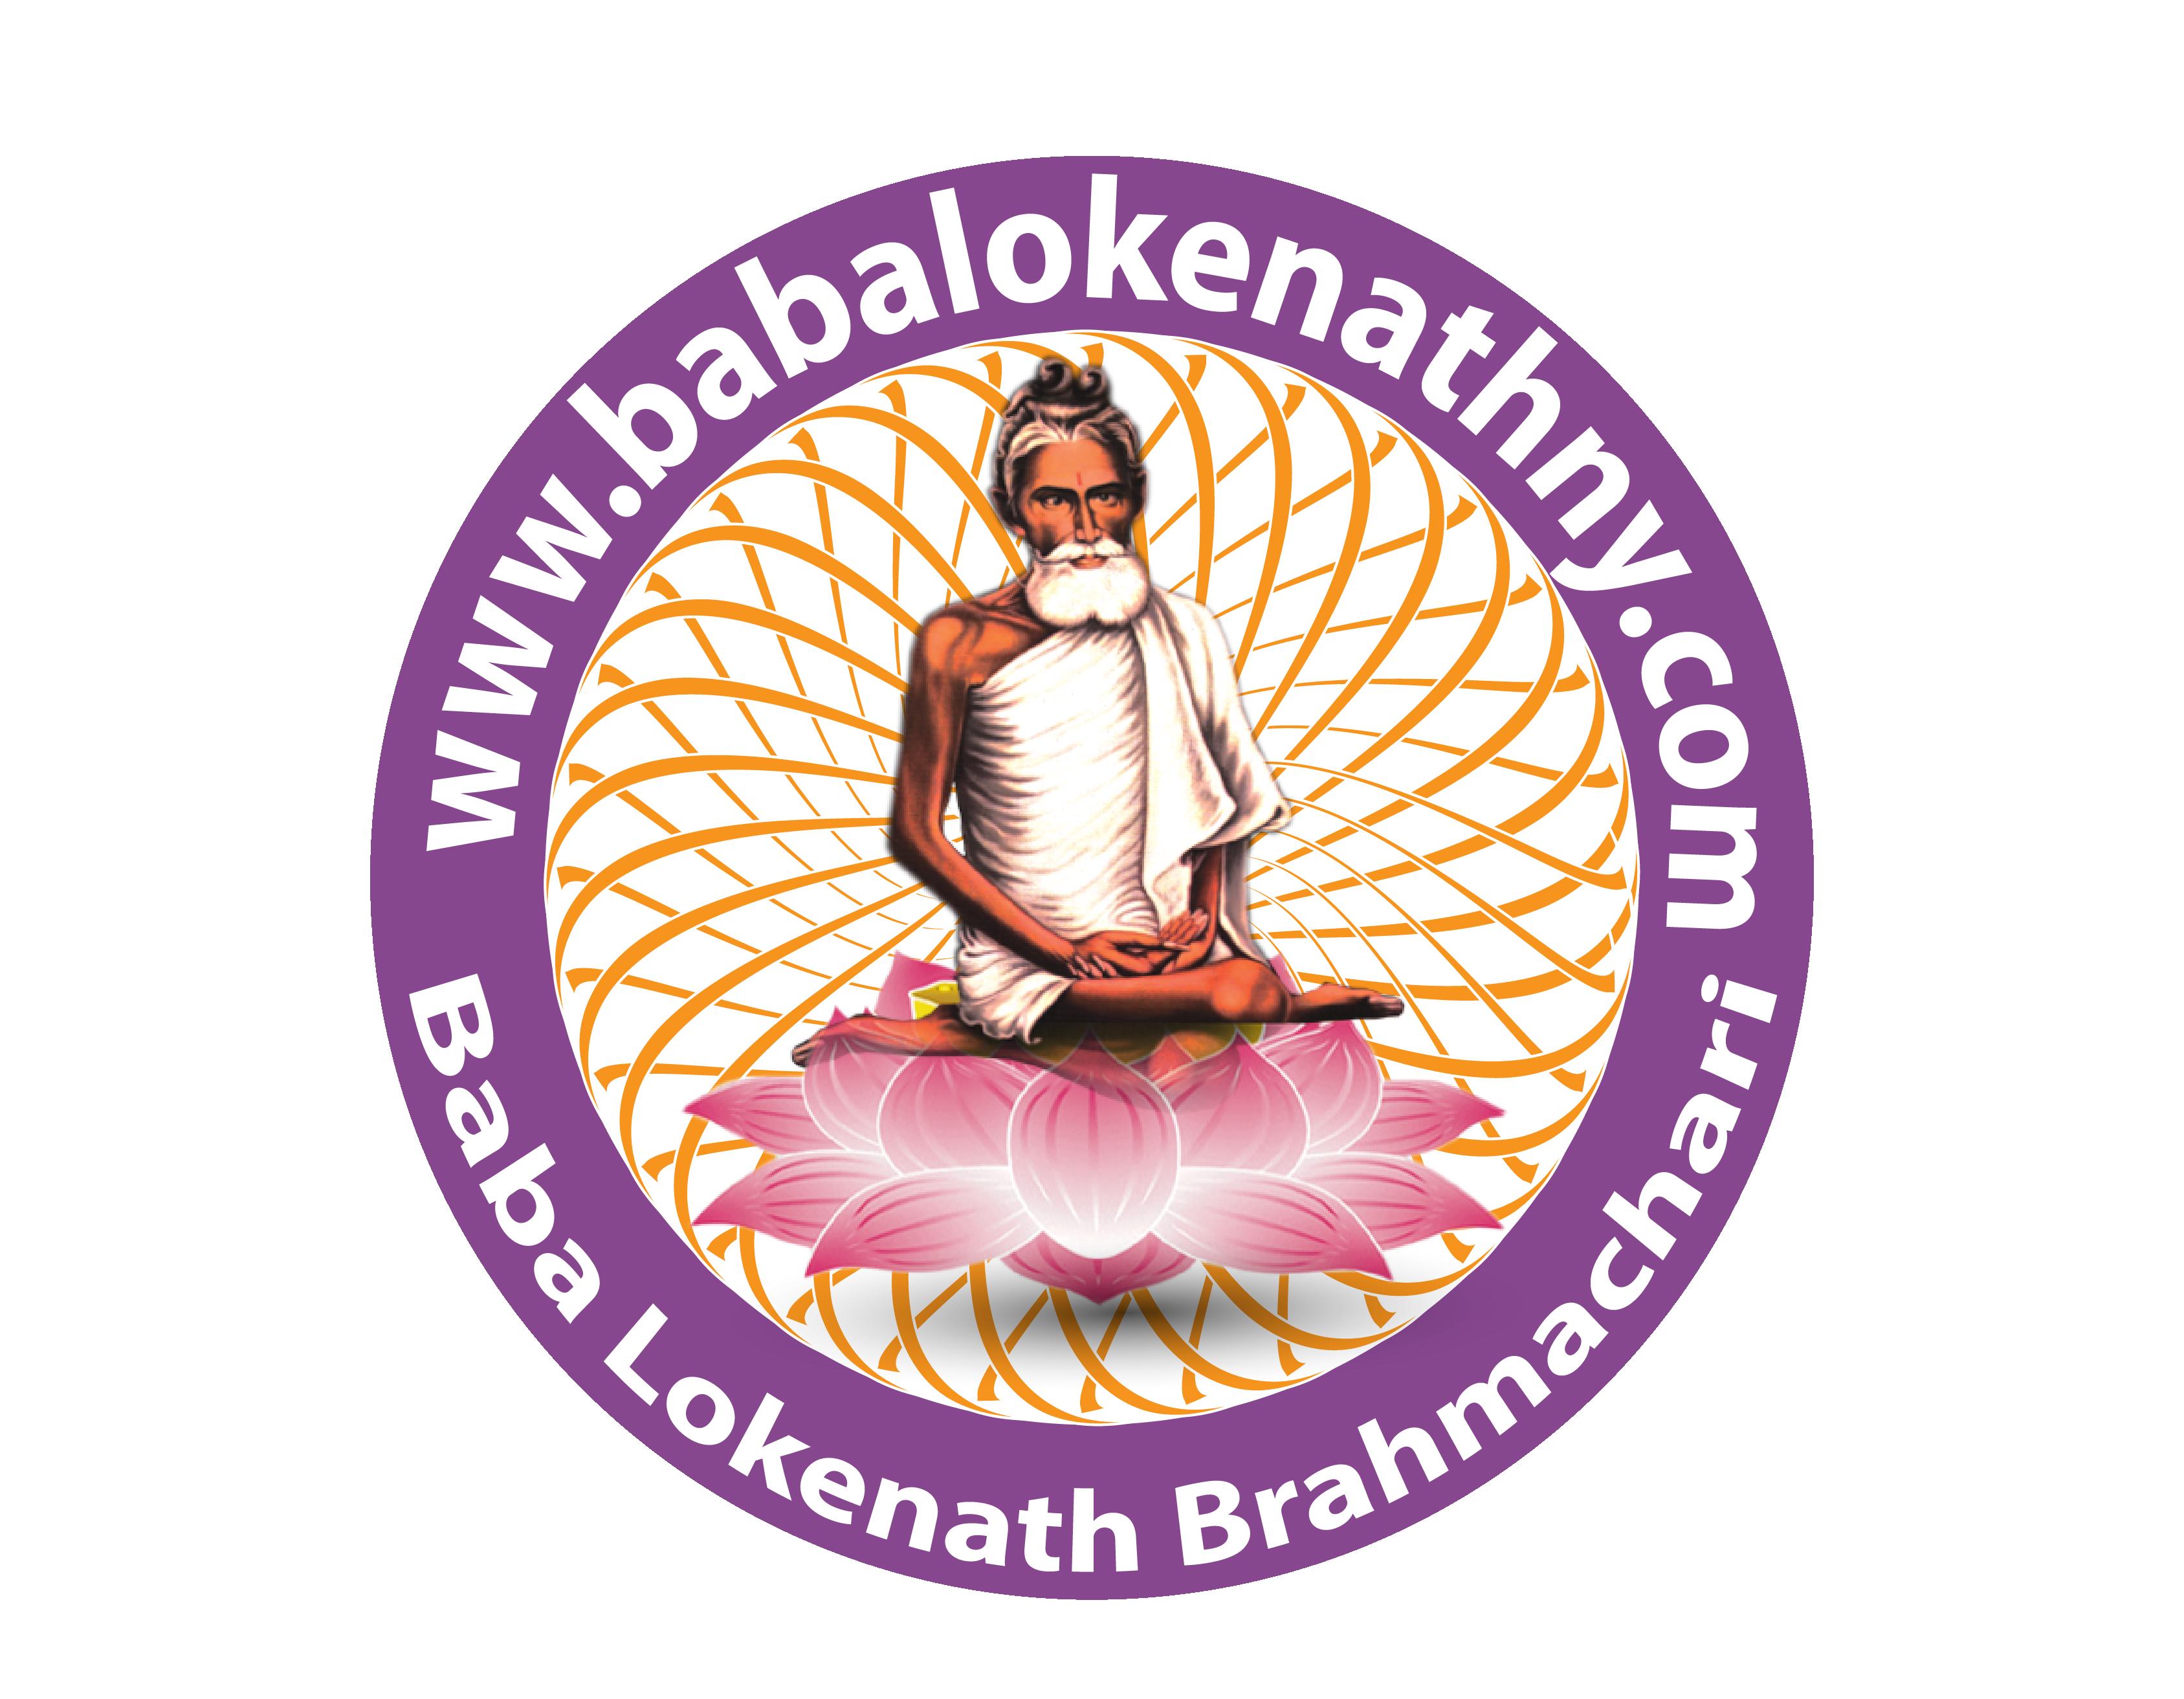 Babalokenathny logo